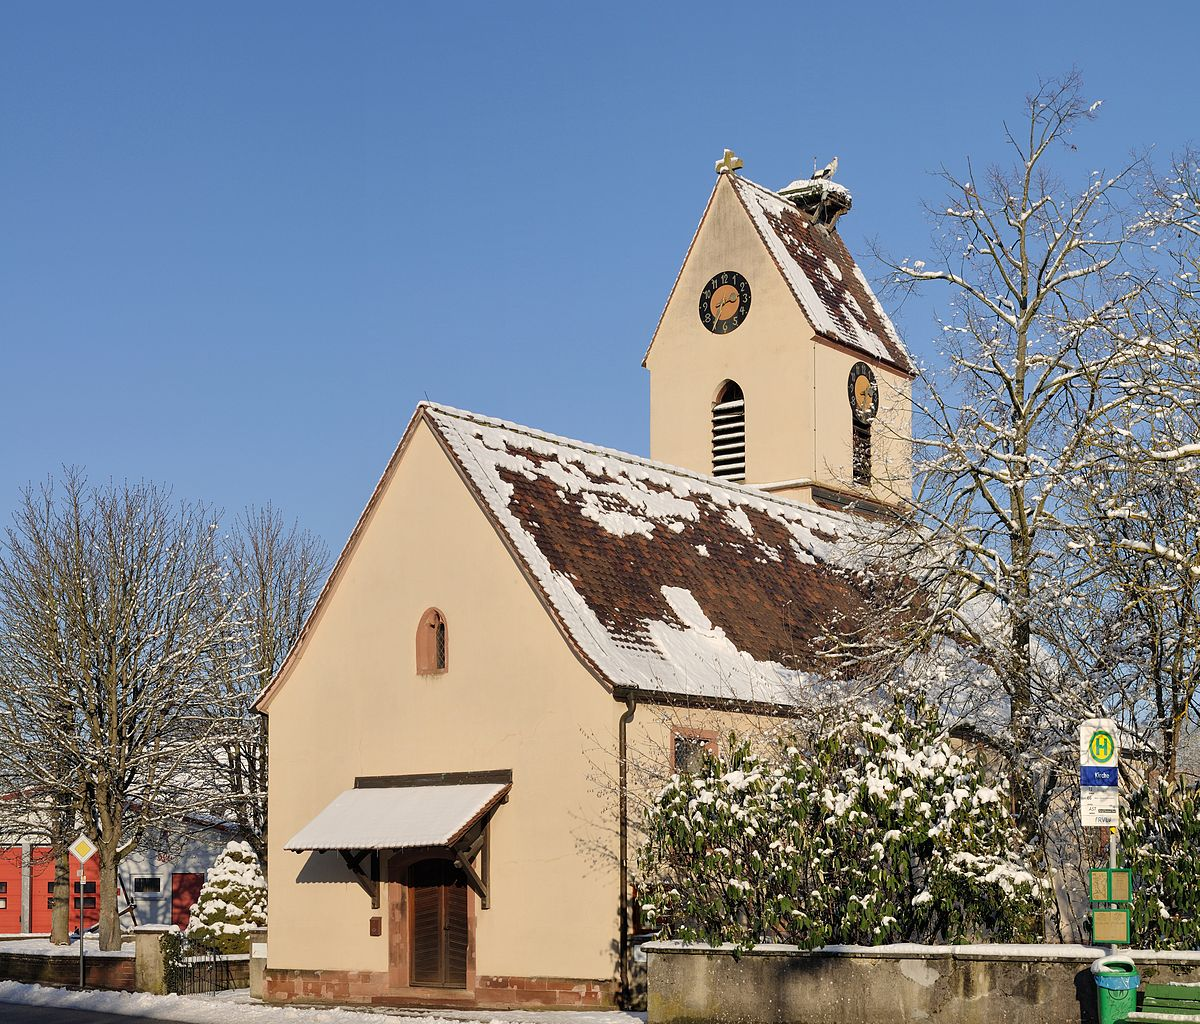 Weil Am Rhein M Bel evangelische kirche märkt